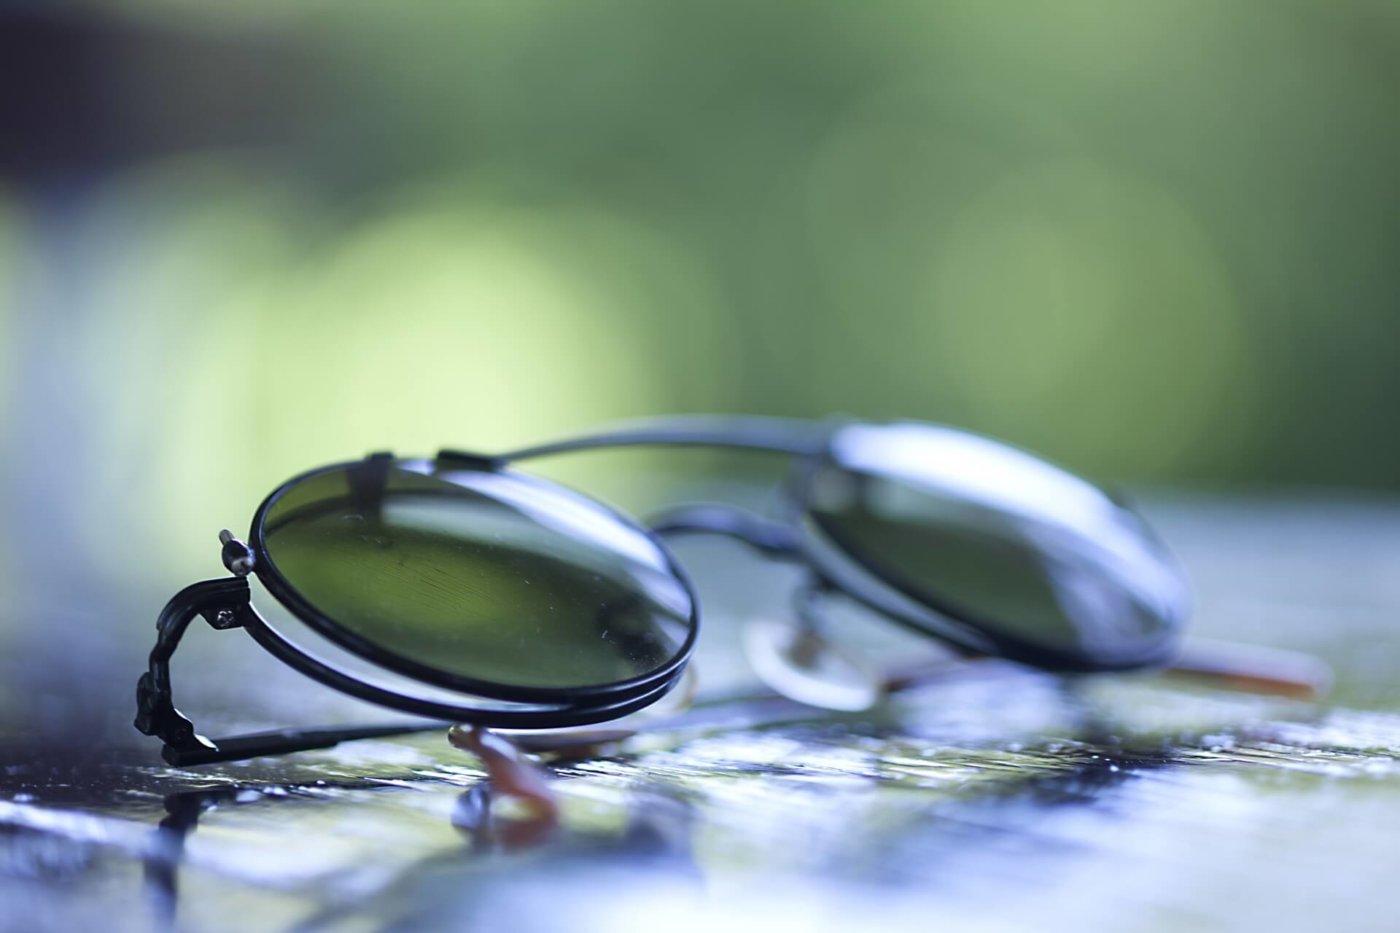 マラソンにおけるサングラスの役割とは